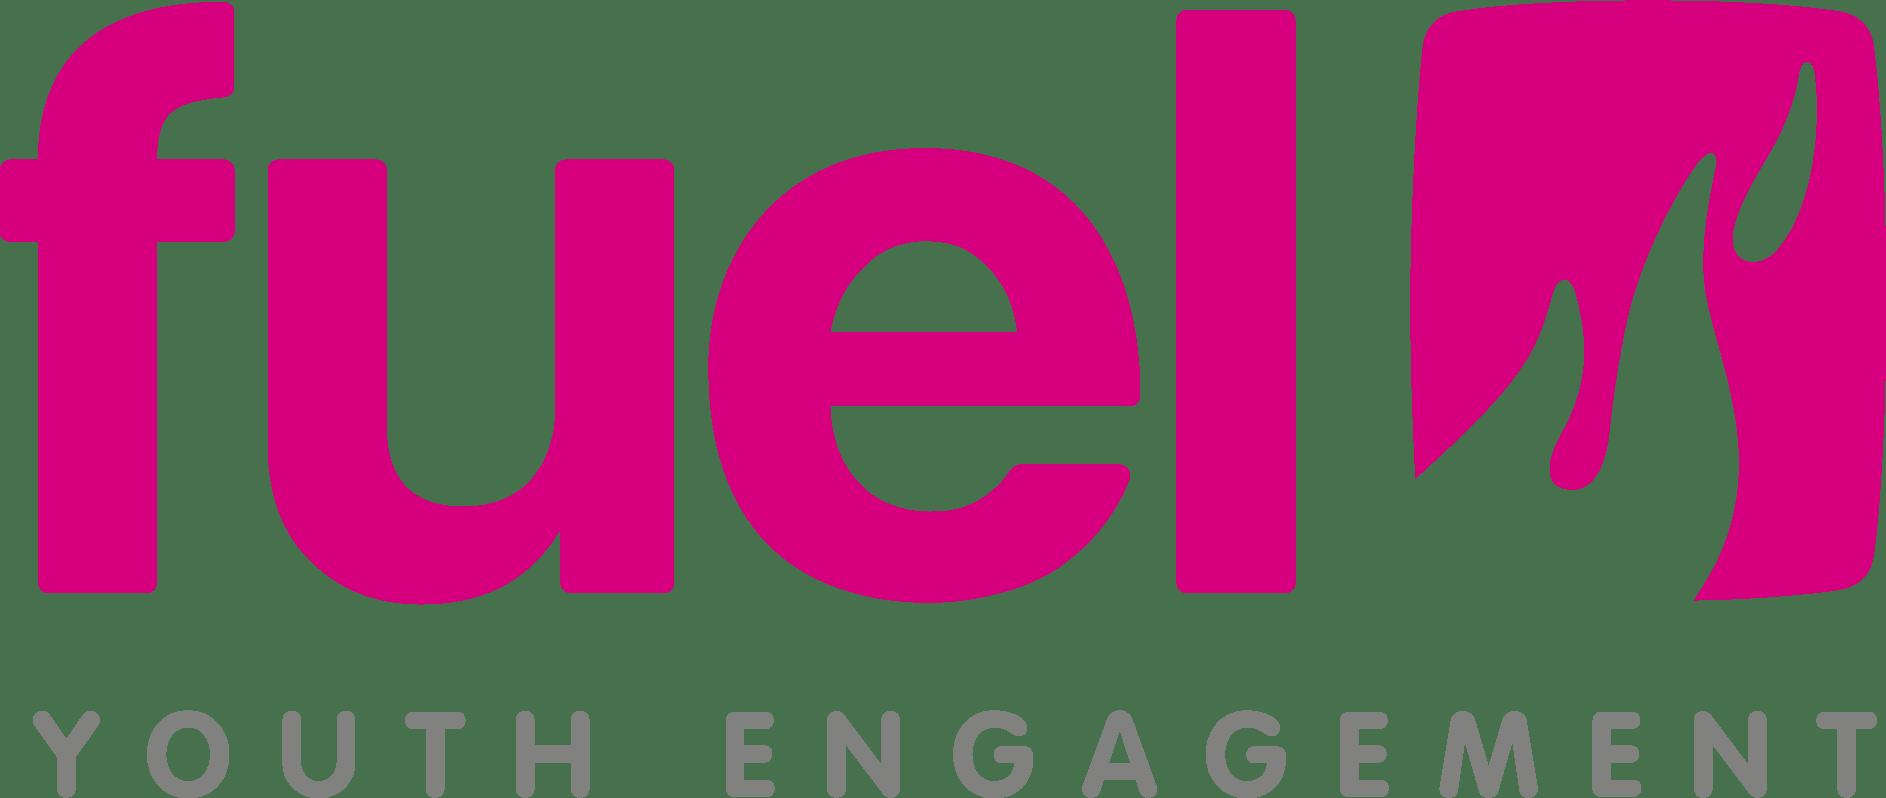 Fuel_Logos_v2